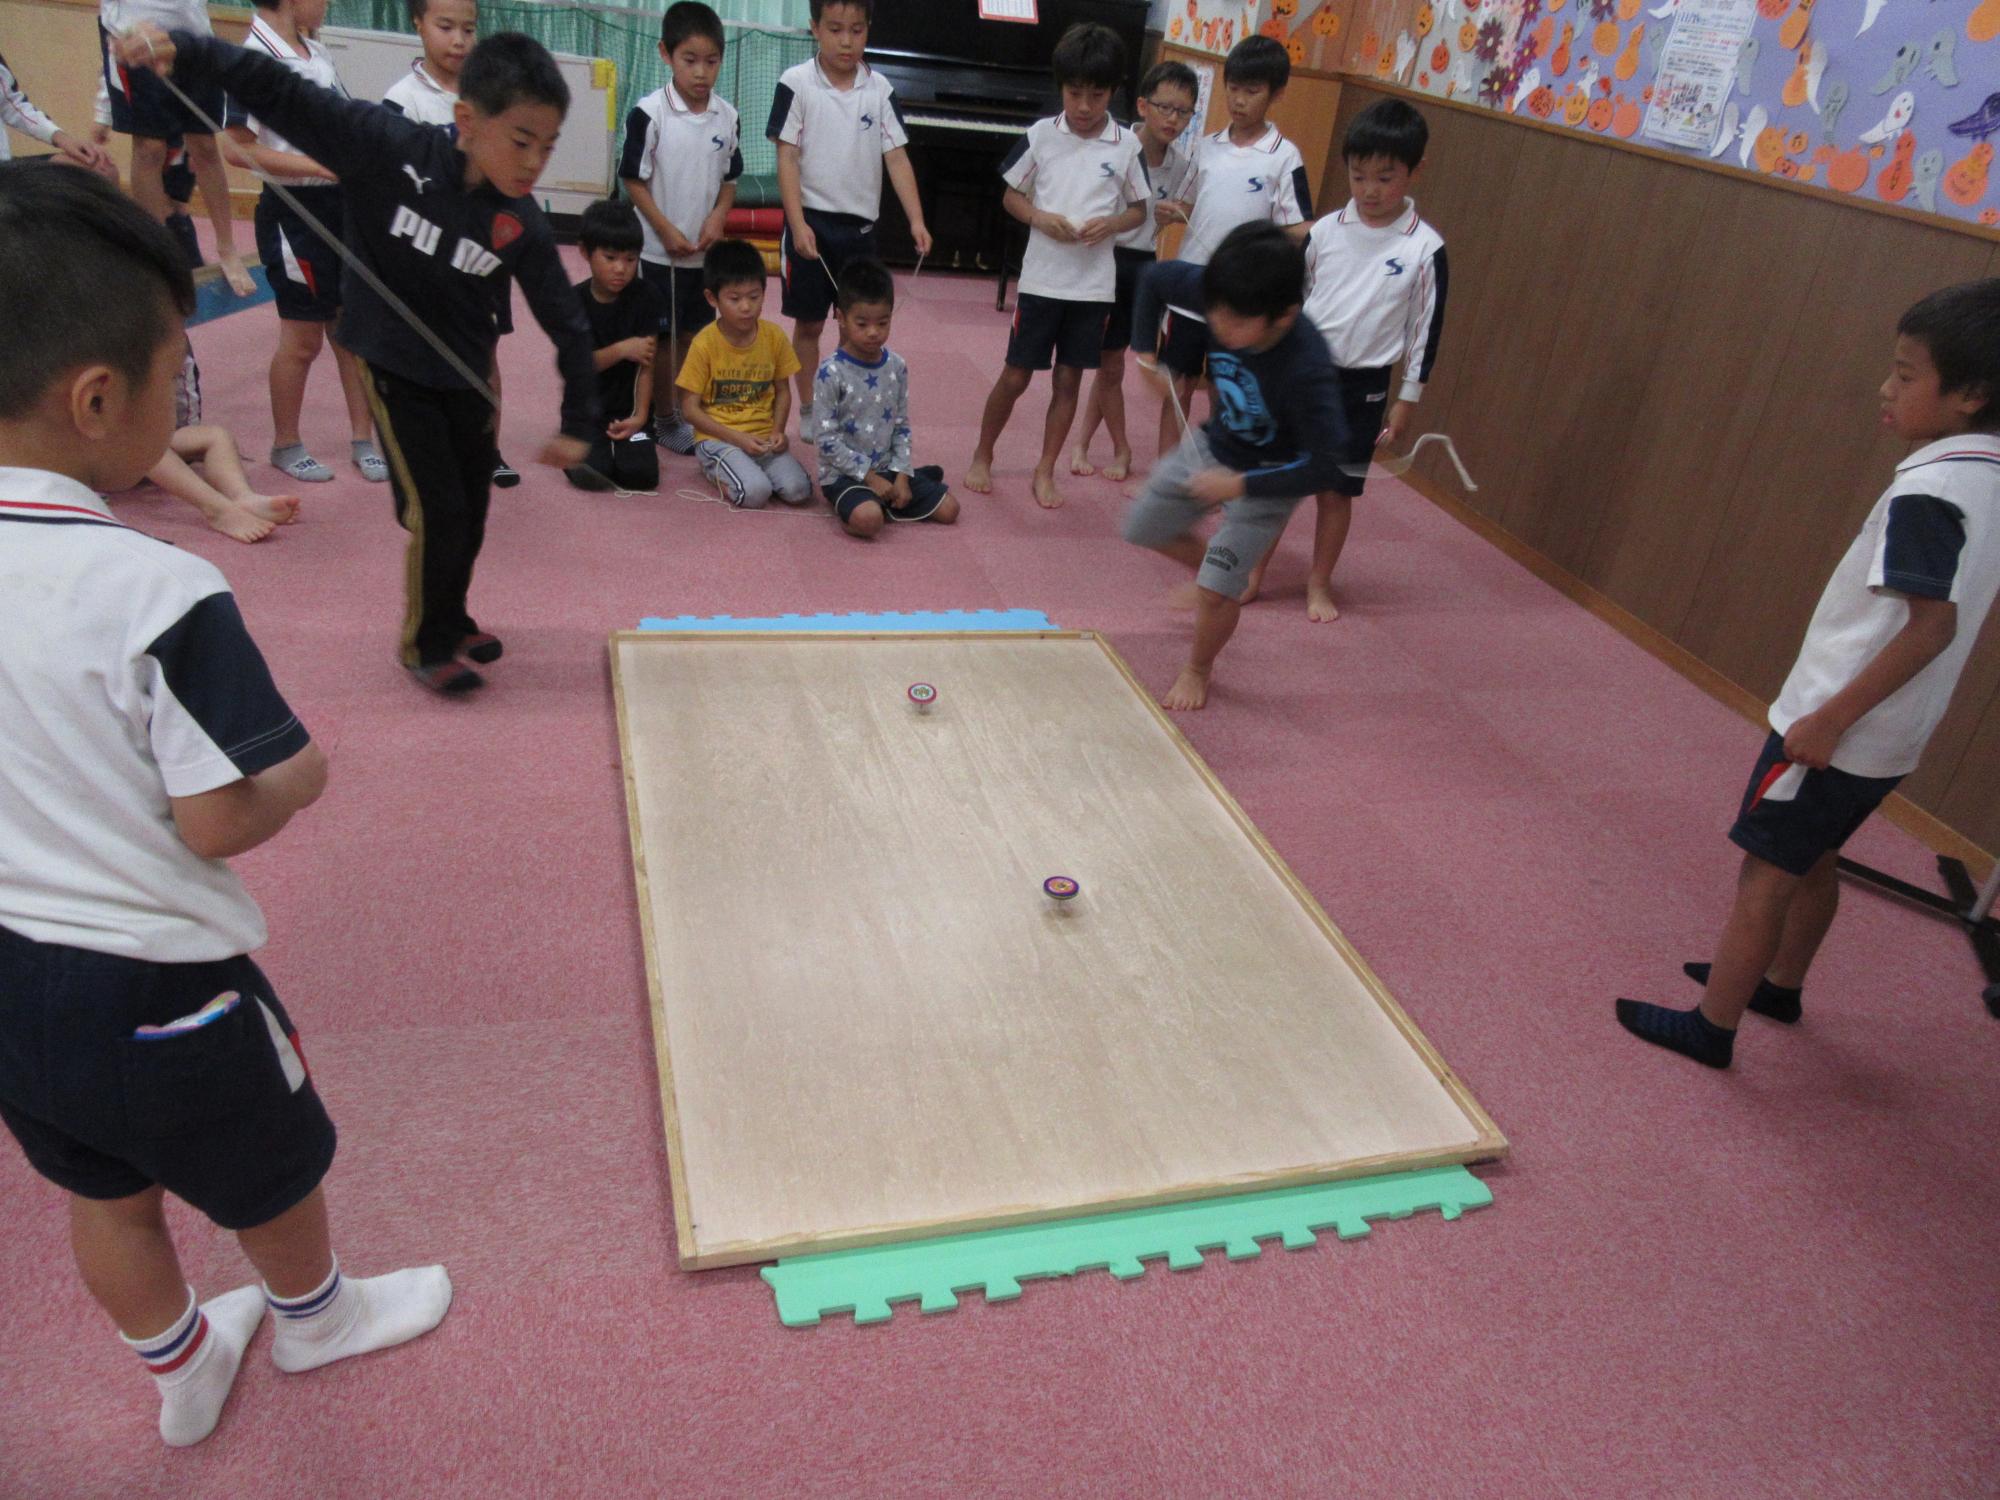 神戸市立六甲道児童館「けんかごま大会」